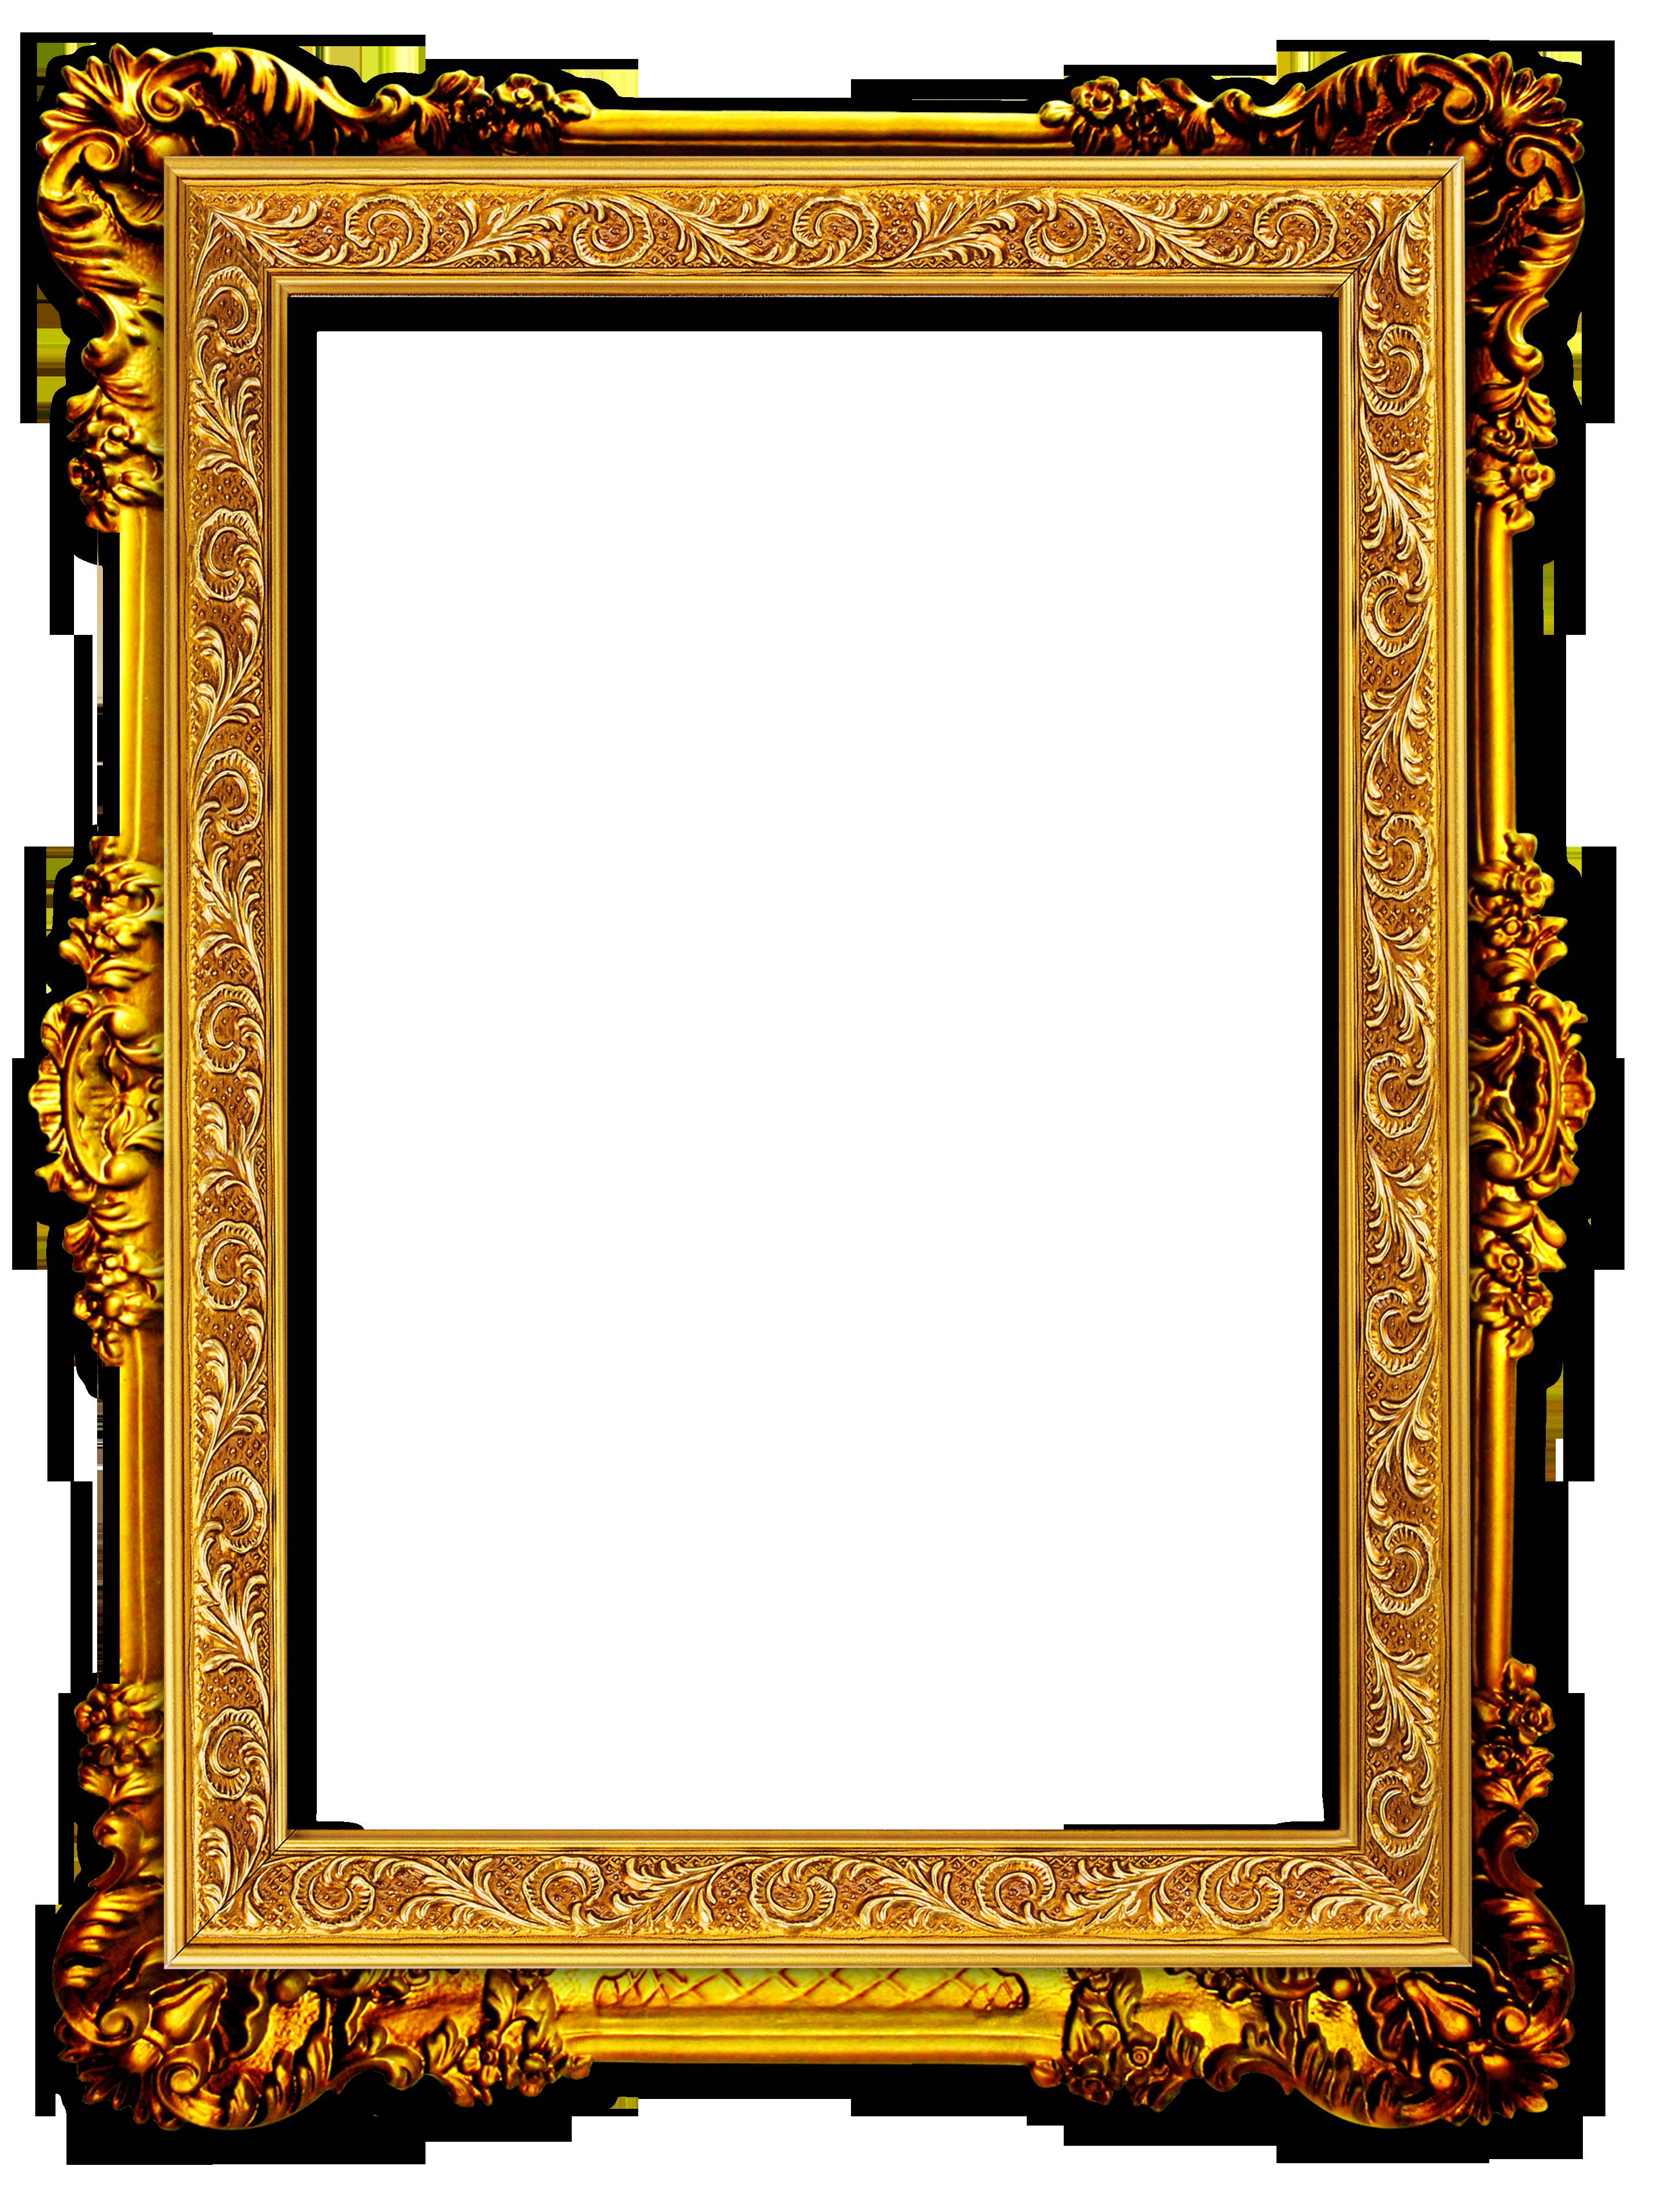 che cos'è il framing